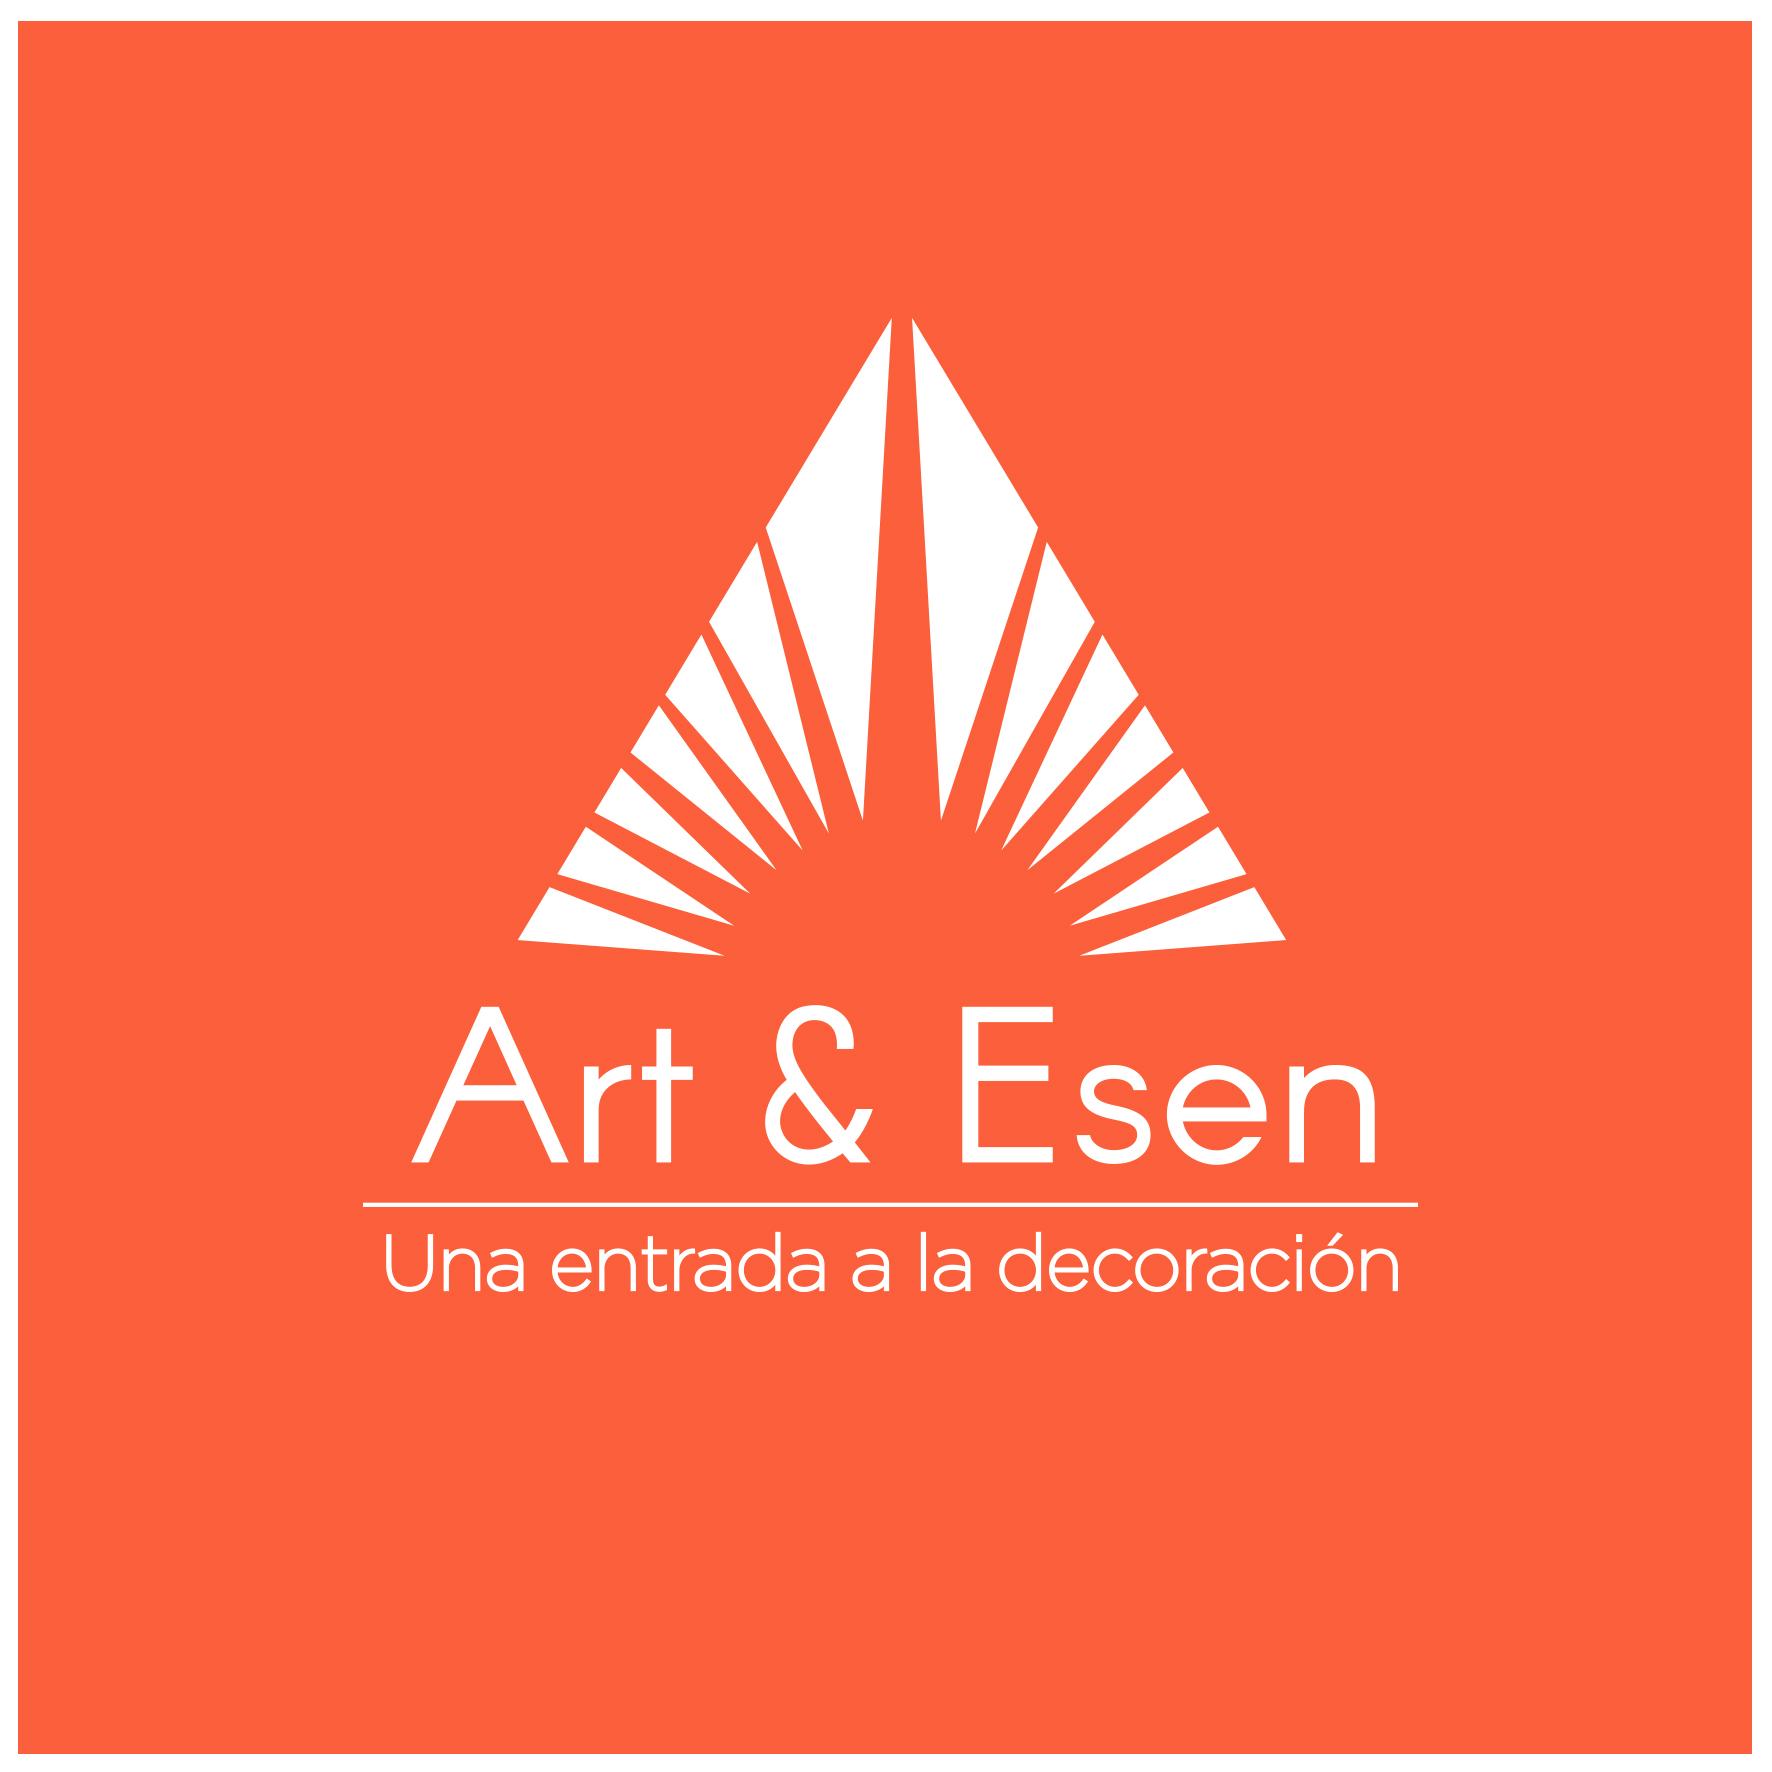 Diseño de logotipo artyEsen